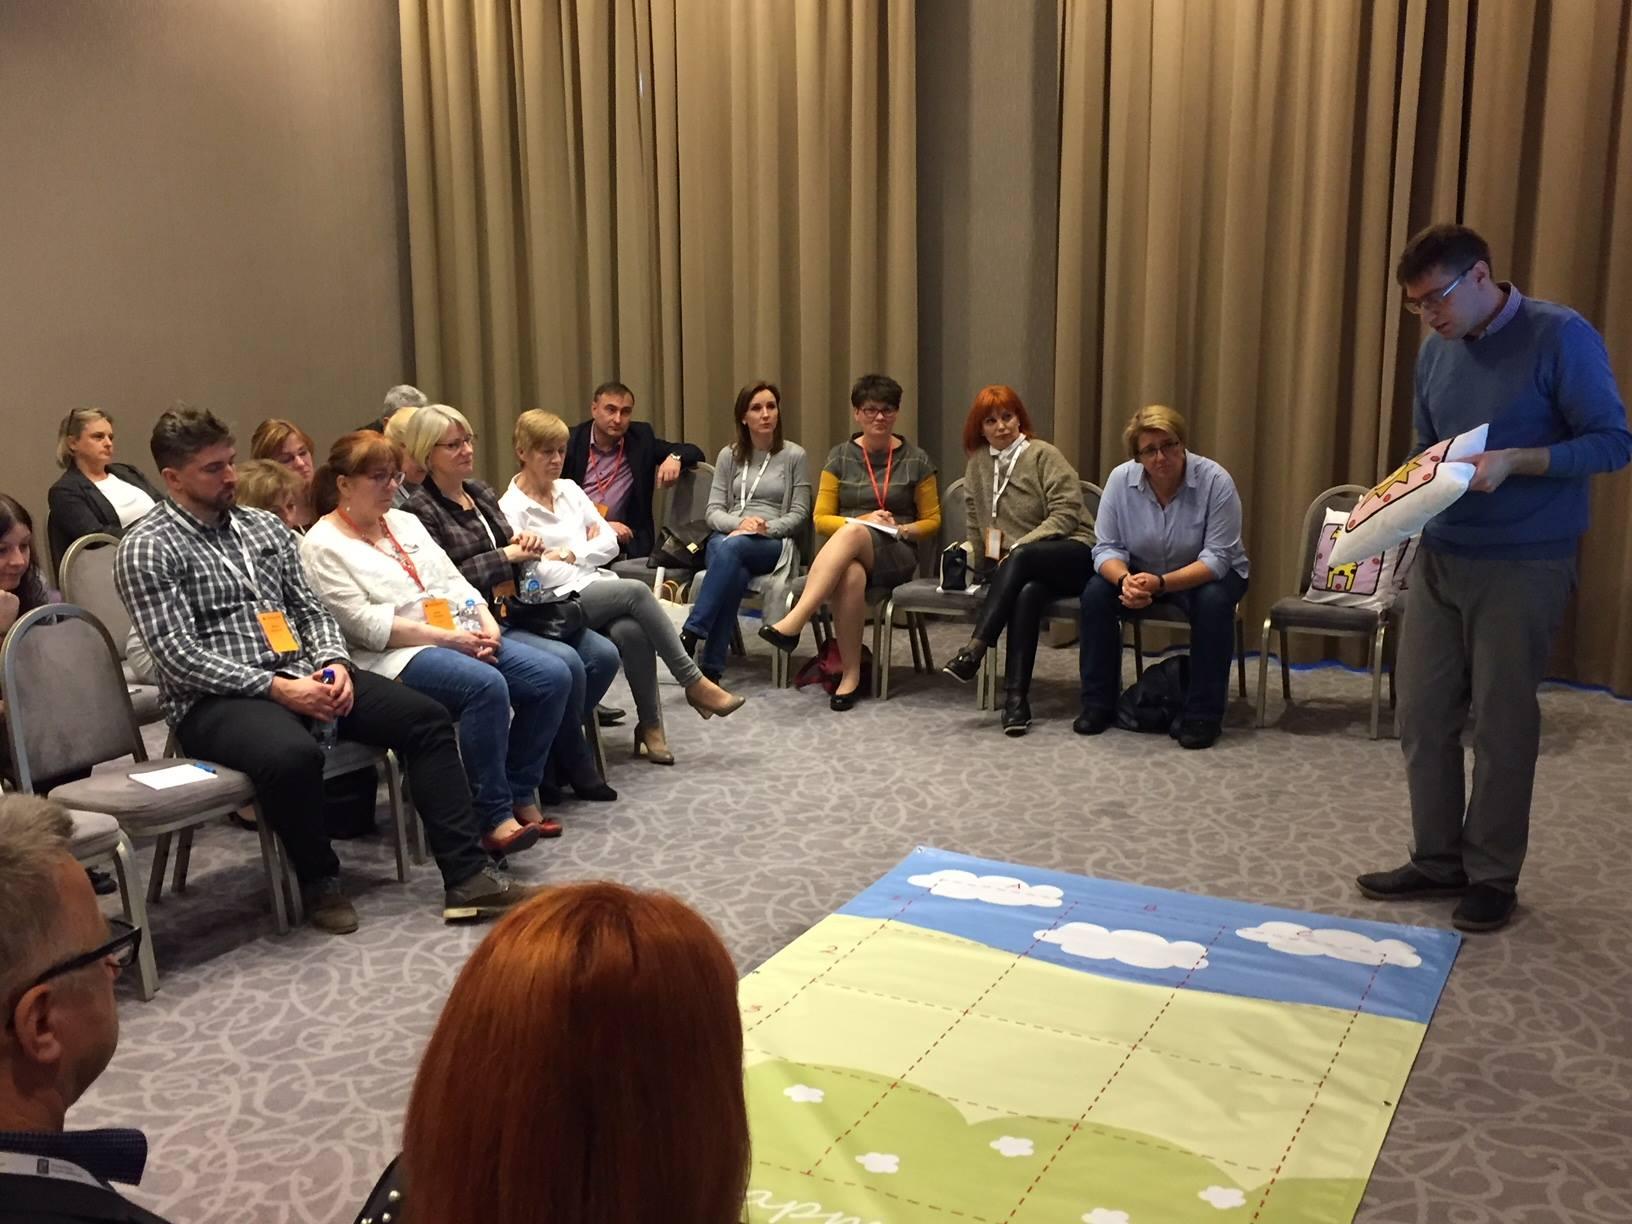 ポーランドの教師学会で「どうぶつしょうぎ」が発表される